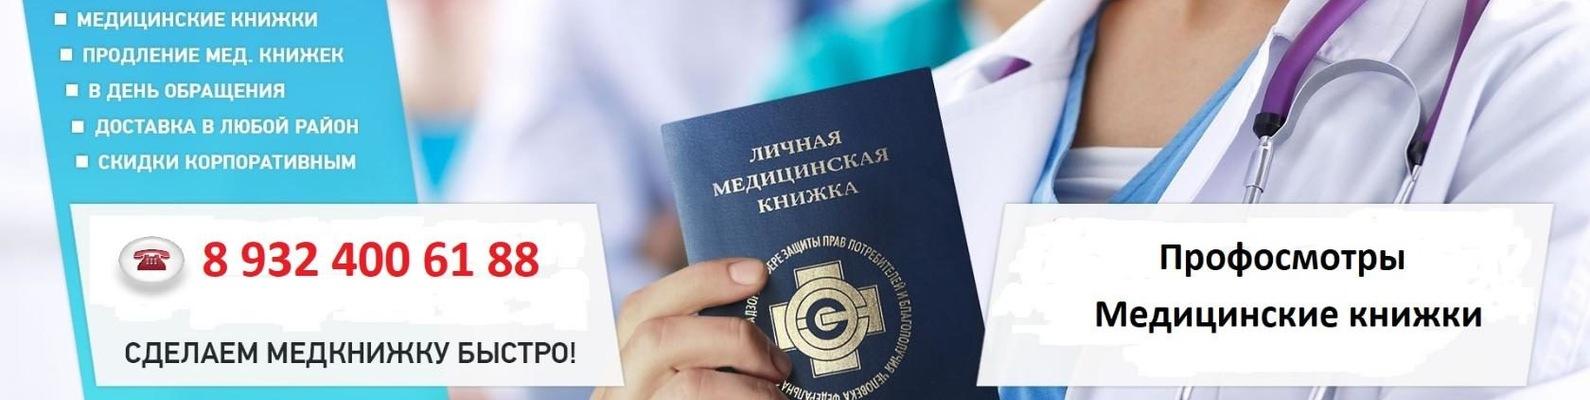 Сургут купить медицинскую книжку регистрация на три месяца для граждан россии